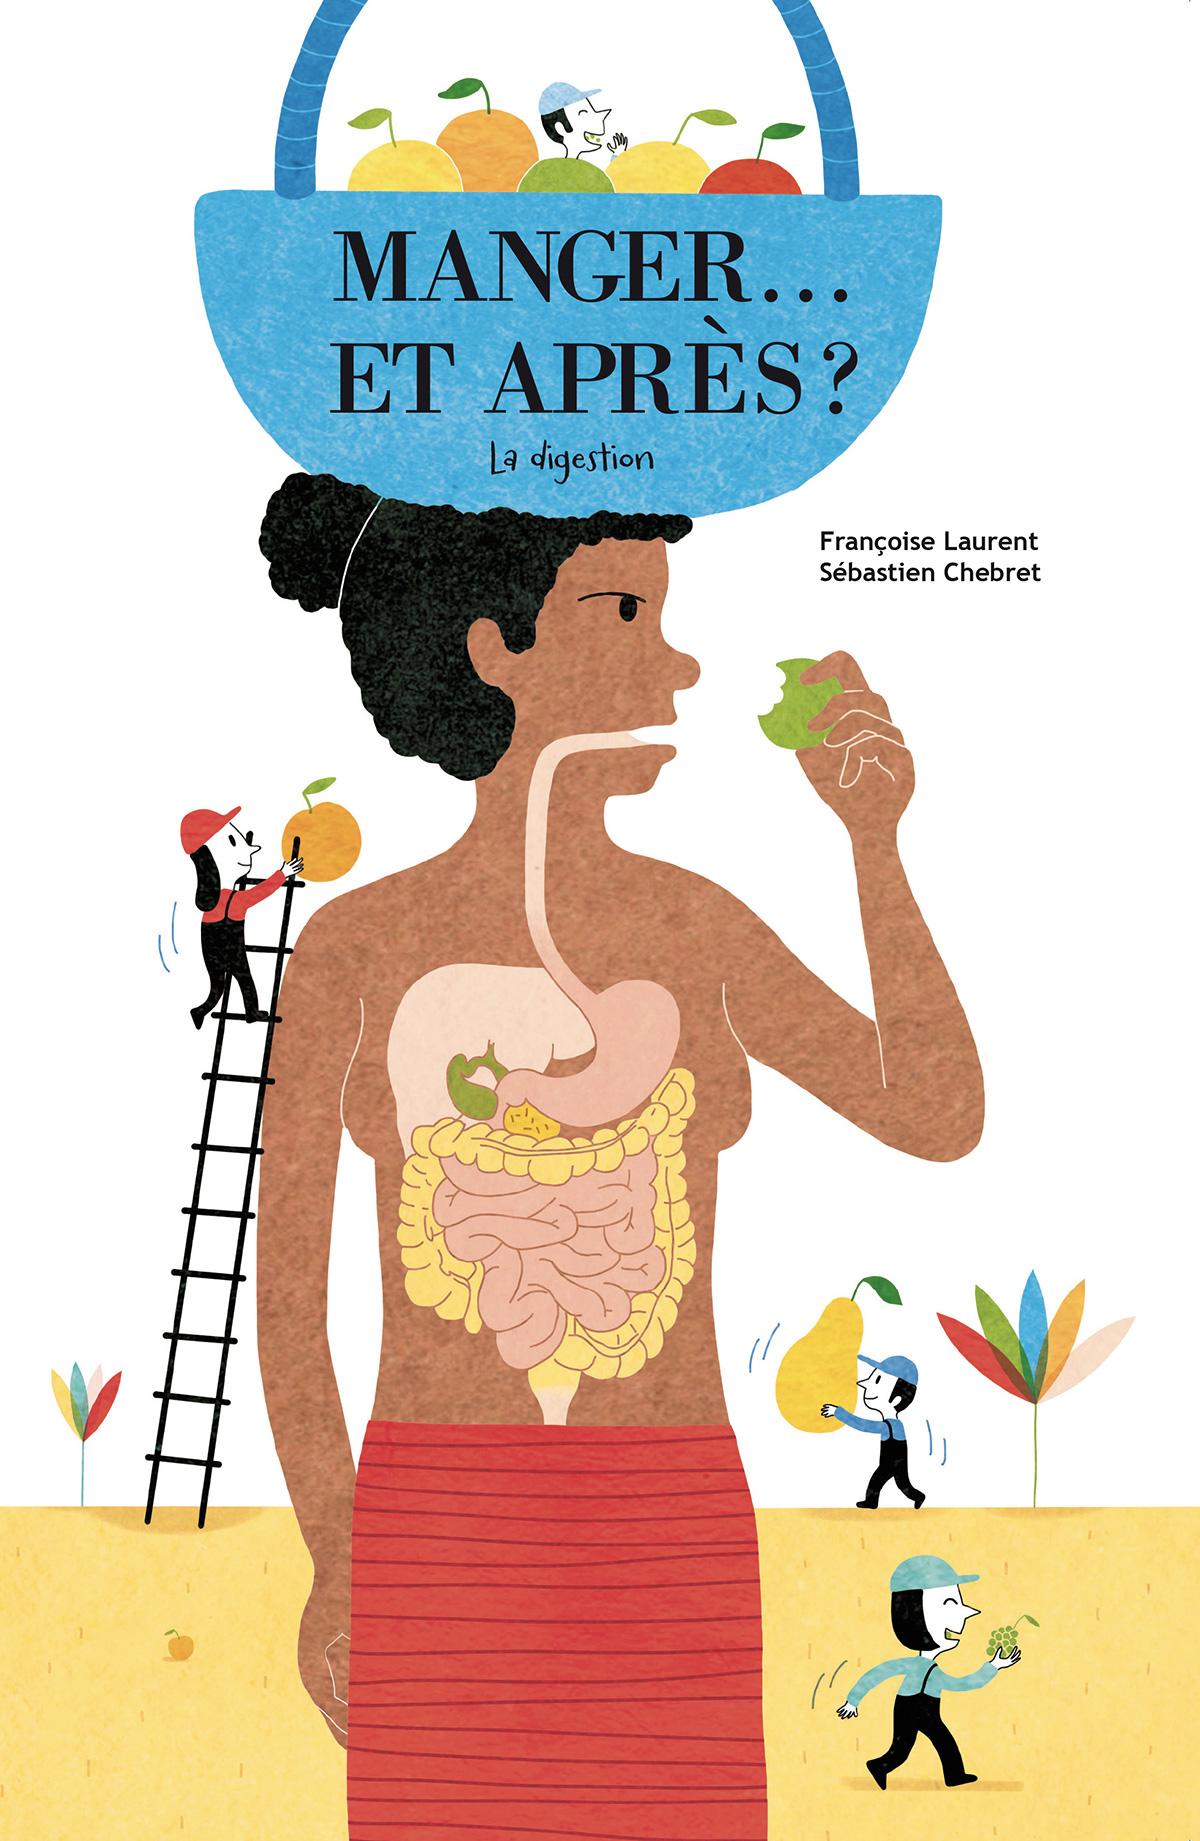 Les Editions Du Ricochet Livres Jeunesse Les Editions Du Ricochet Livres Jeunesse Manger Et Apres La Digestion